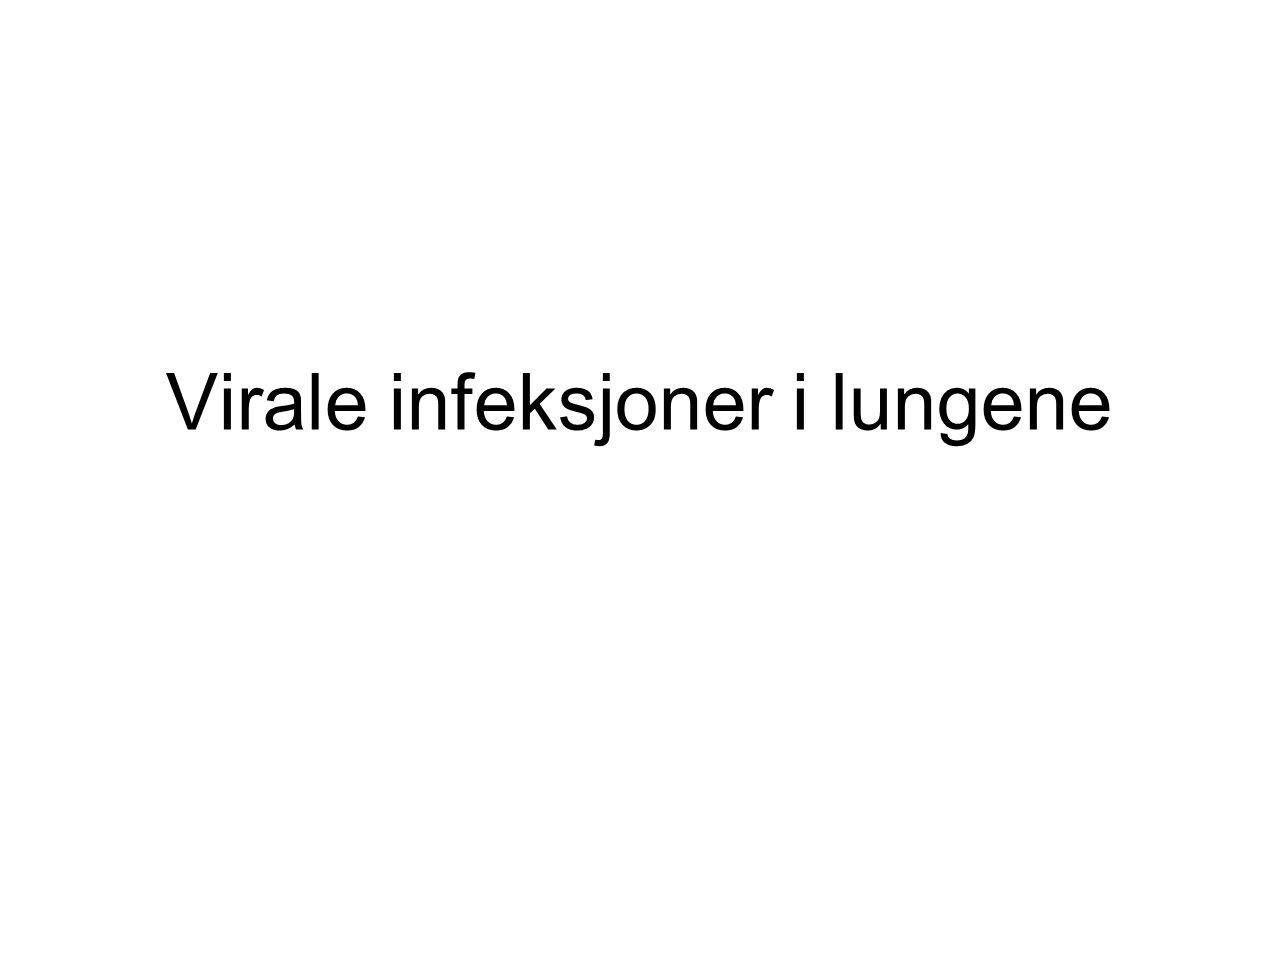 Virale infeksjoner i lungene